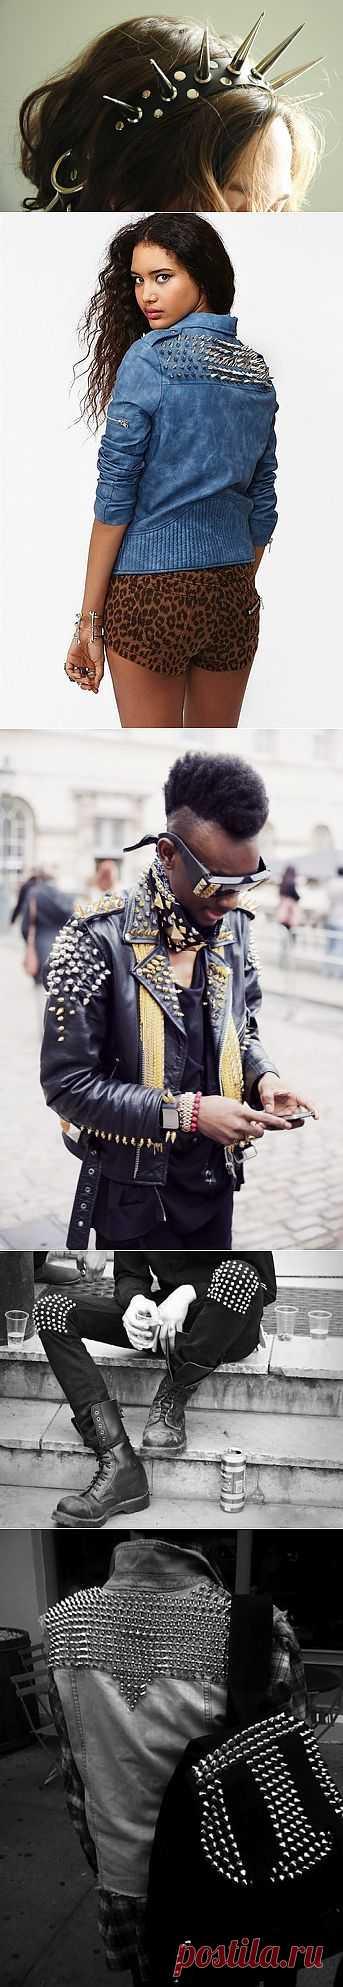 Новая подборка шипастых / Декор / Модный сайт о стильной переделке одежды и интерьера